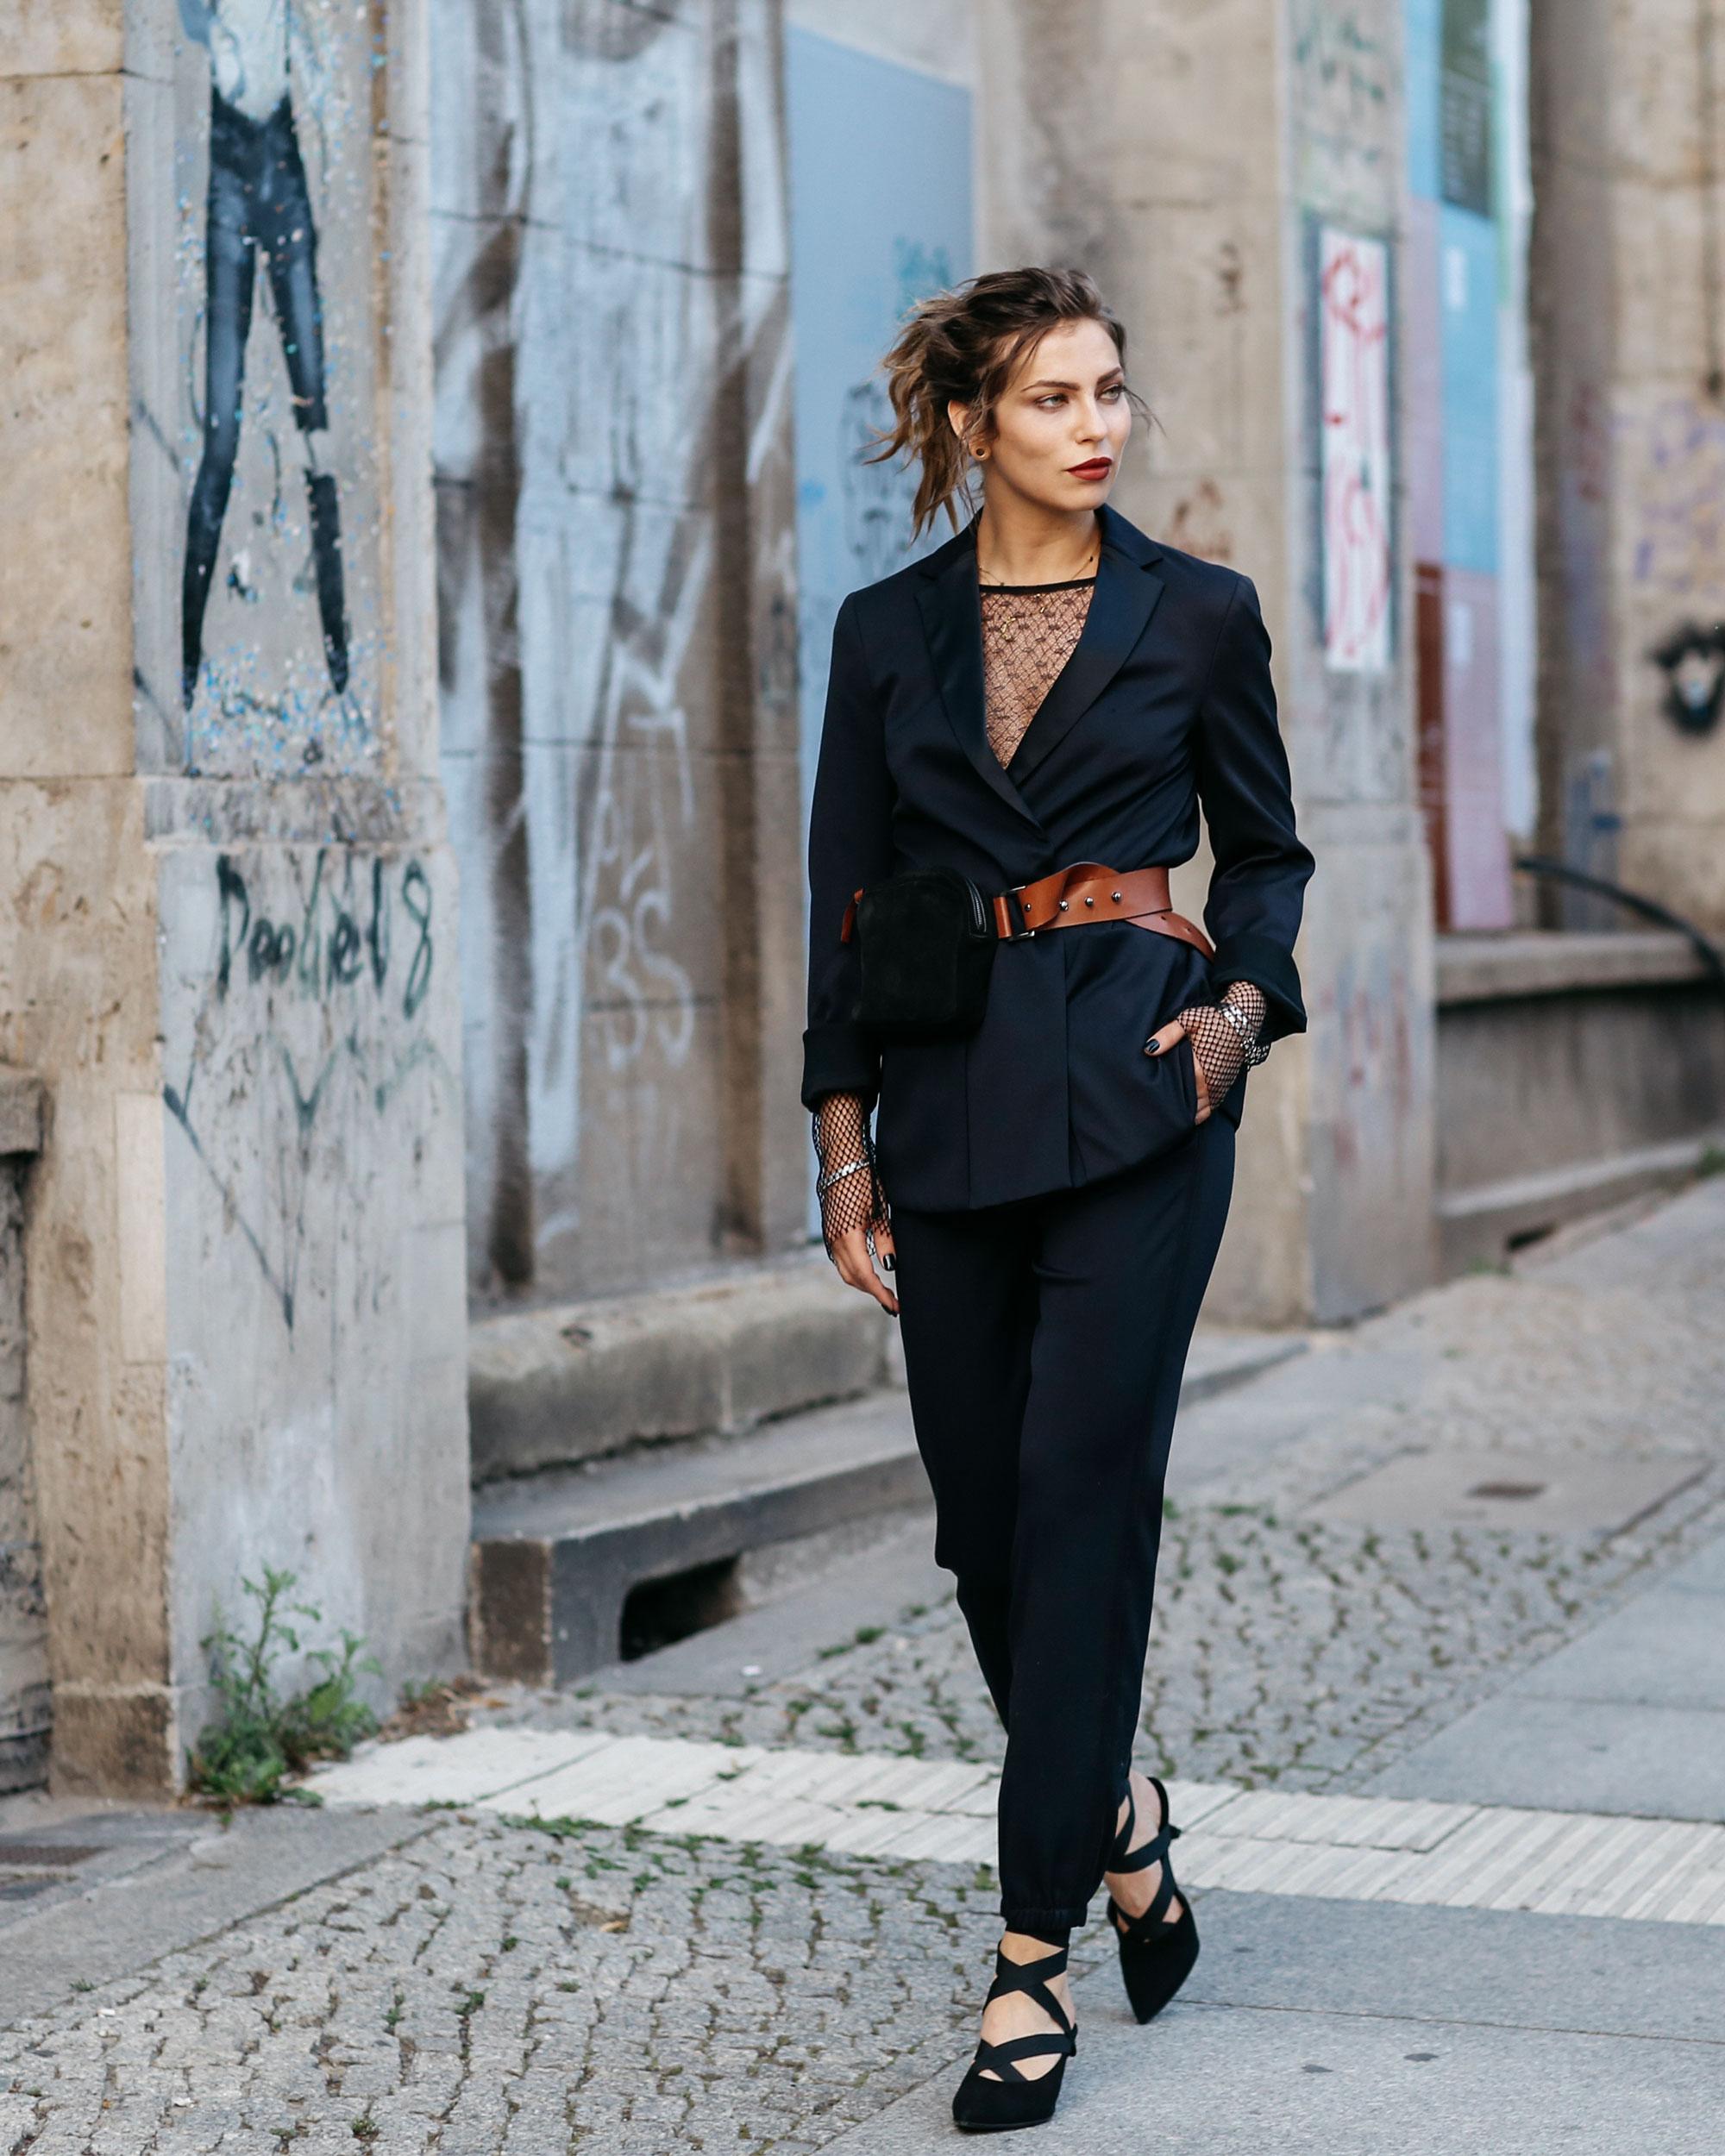 Street Style vor der Dorothee Schumacher Show in Berlin | Juli 2917 | Masha Sedgwick | Foto: Jeremy Möller